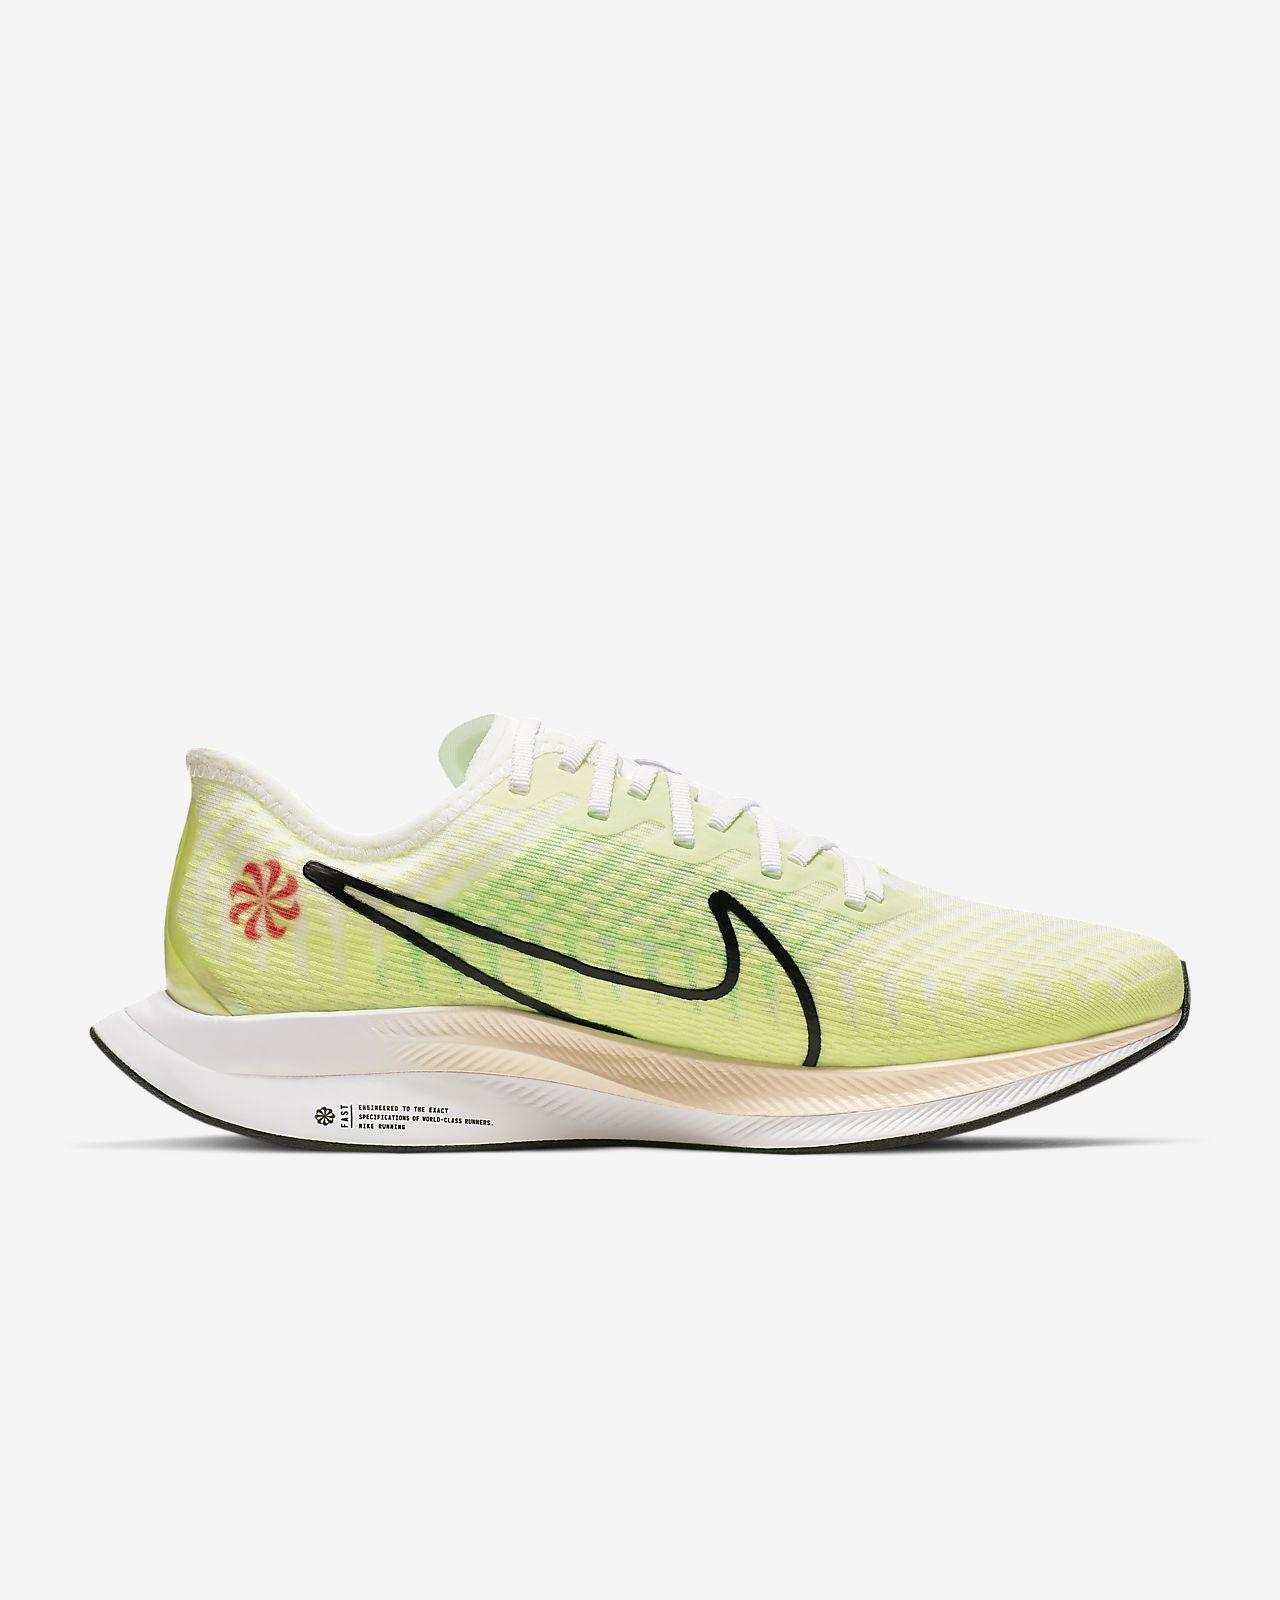 Nike Turnschuhe aus Leder Schwarz Größe 40 6668141 Schöne